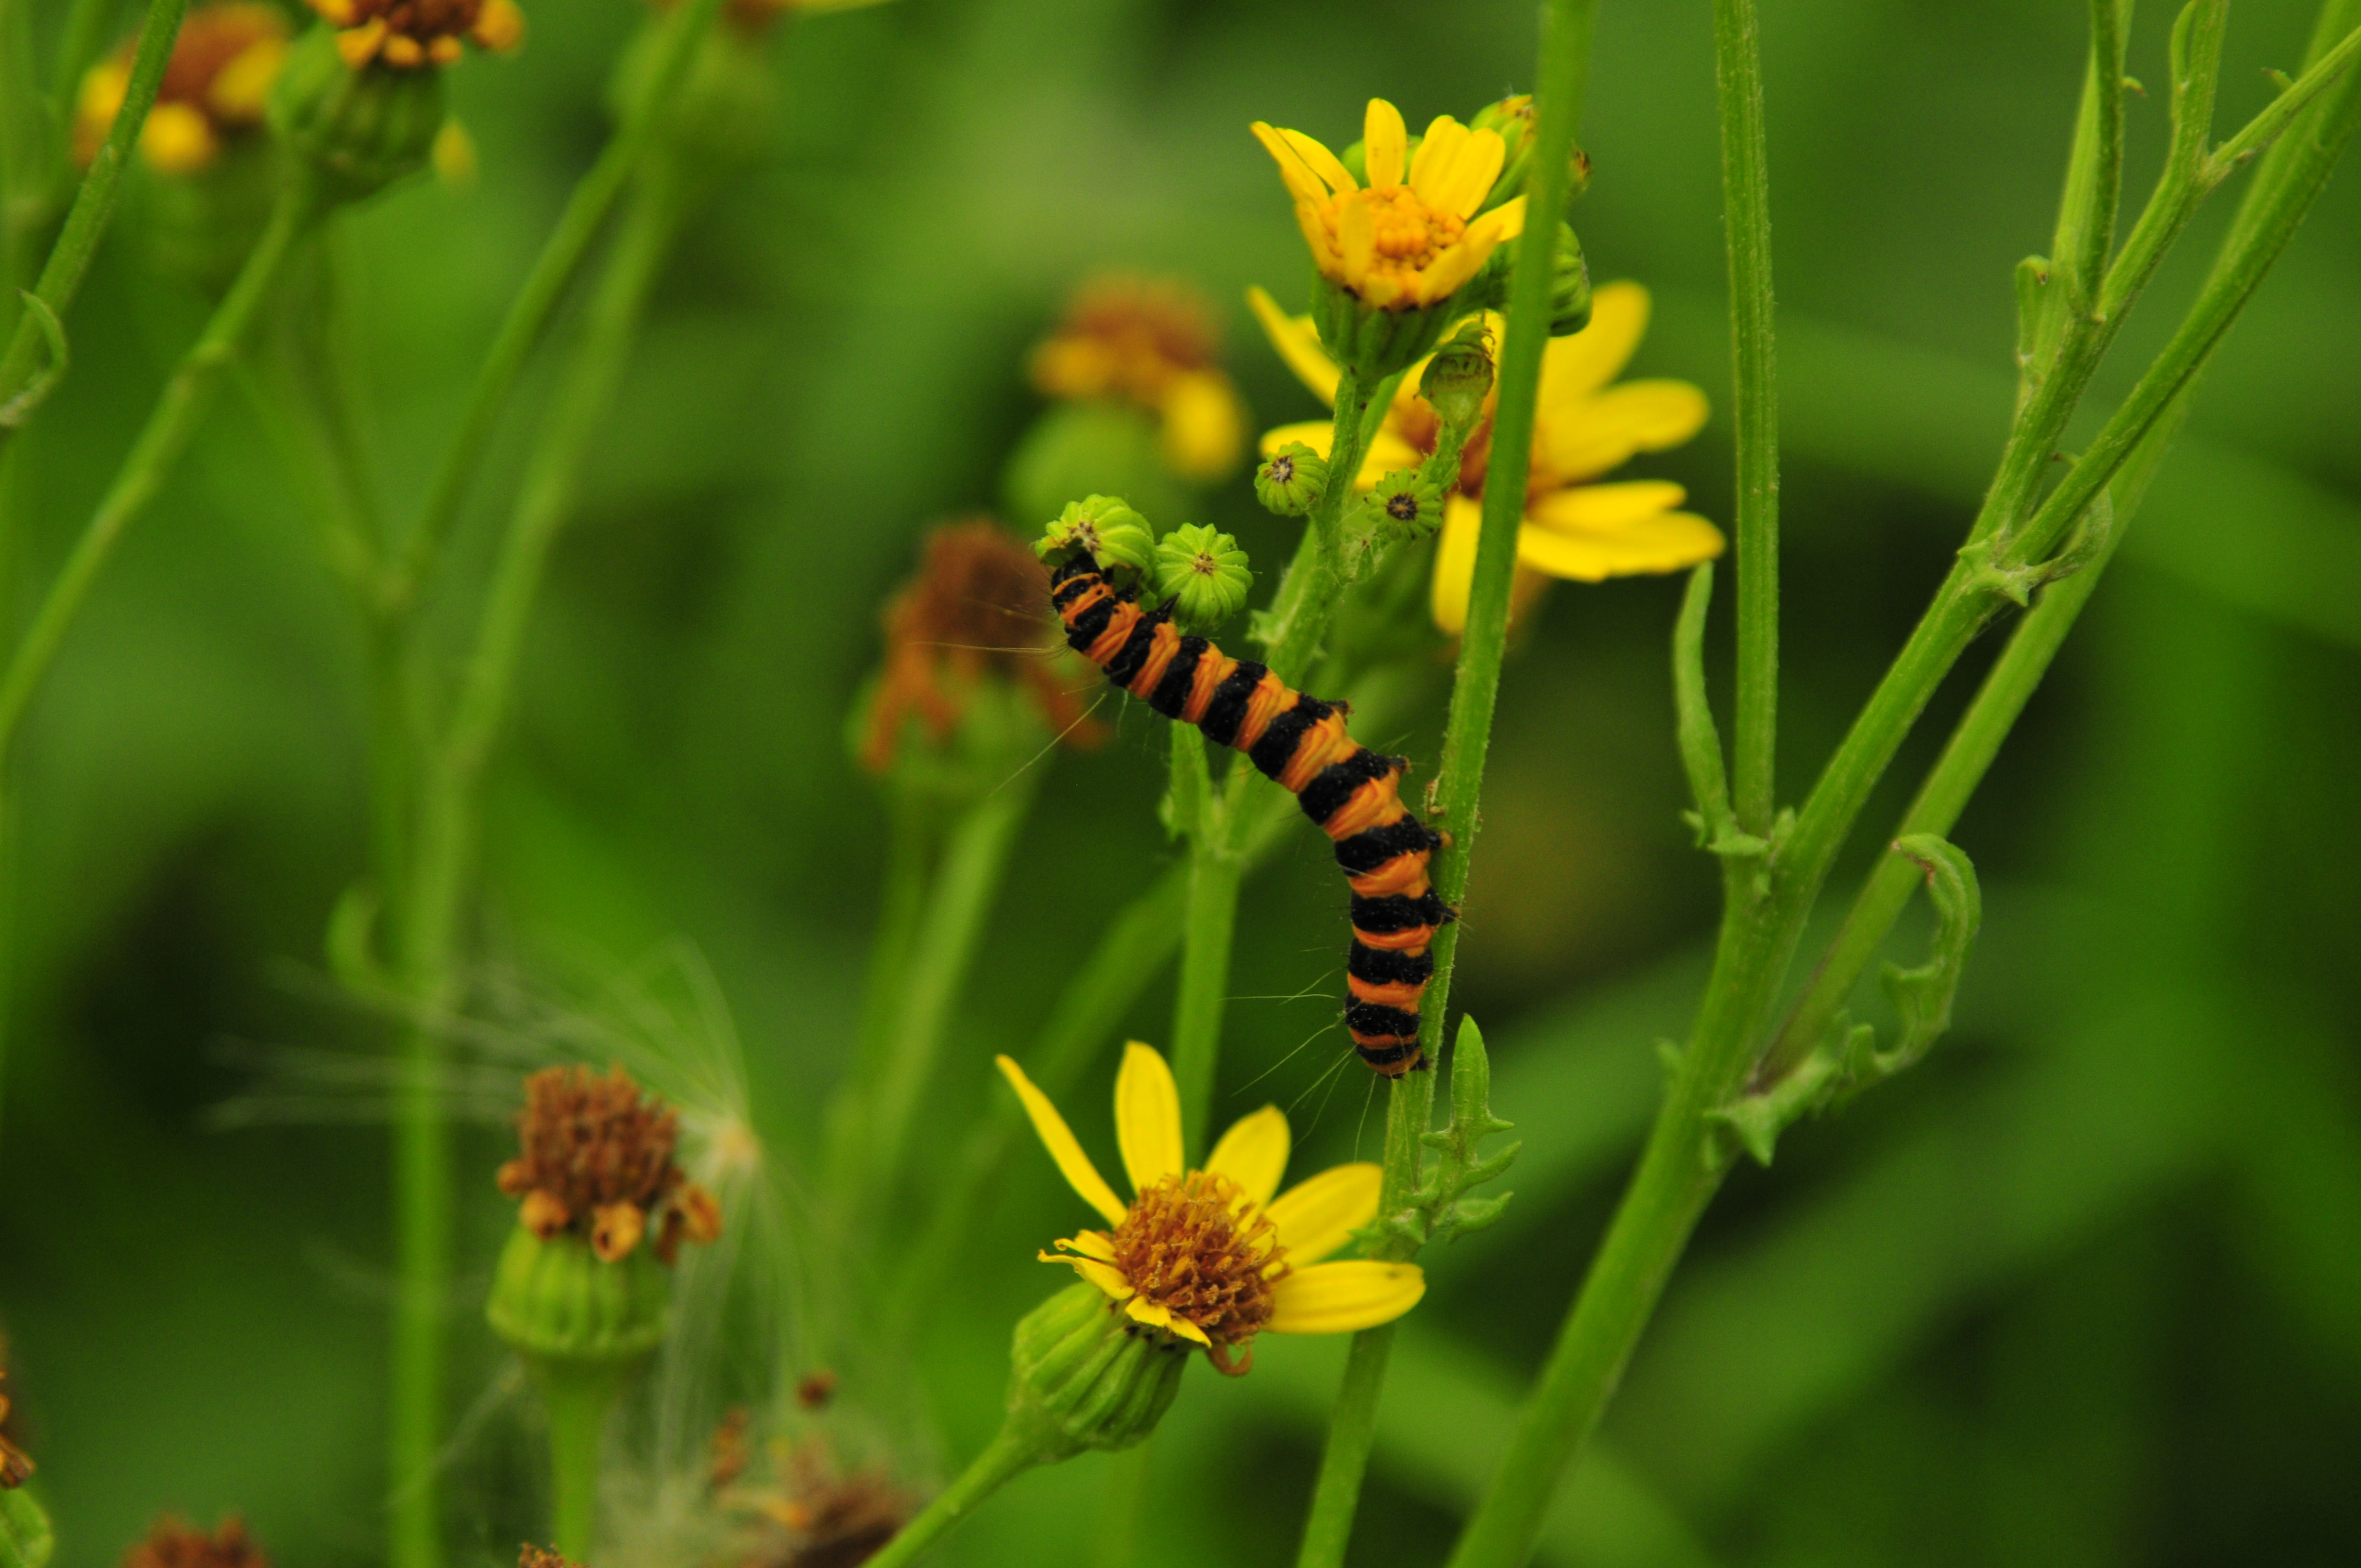 macro shot photography of caterpillar